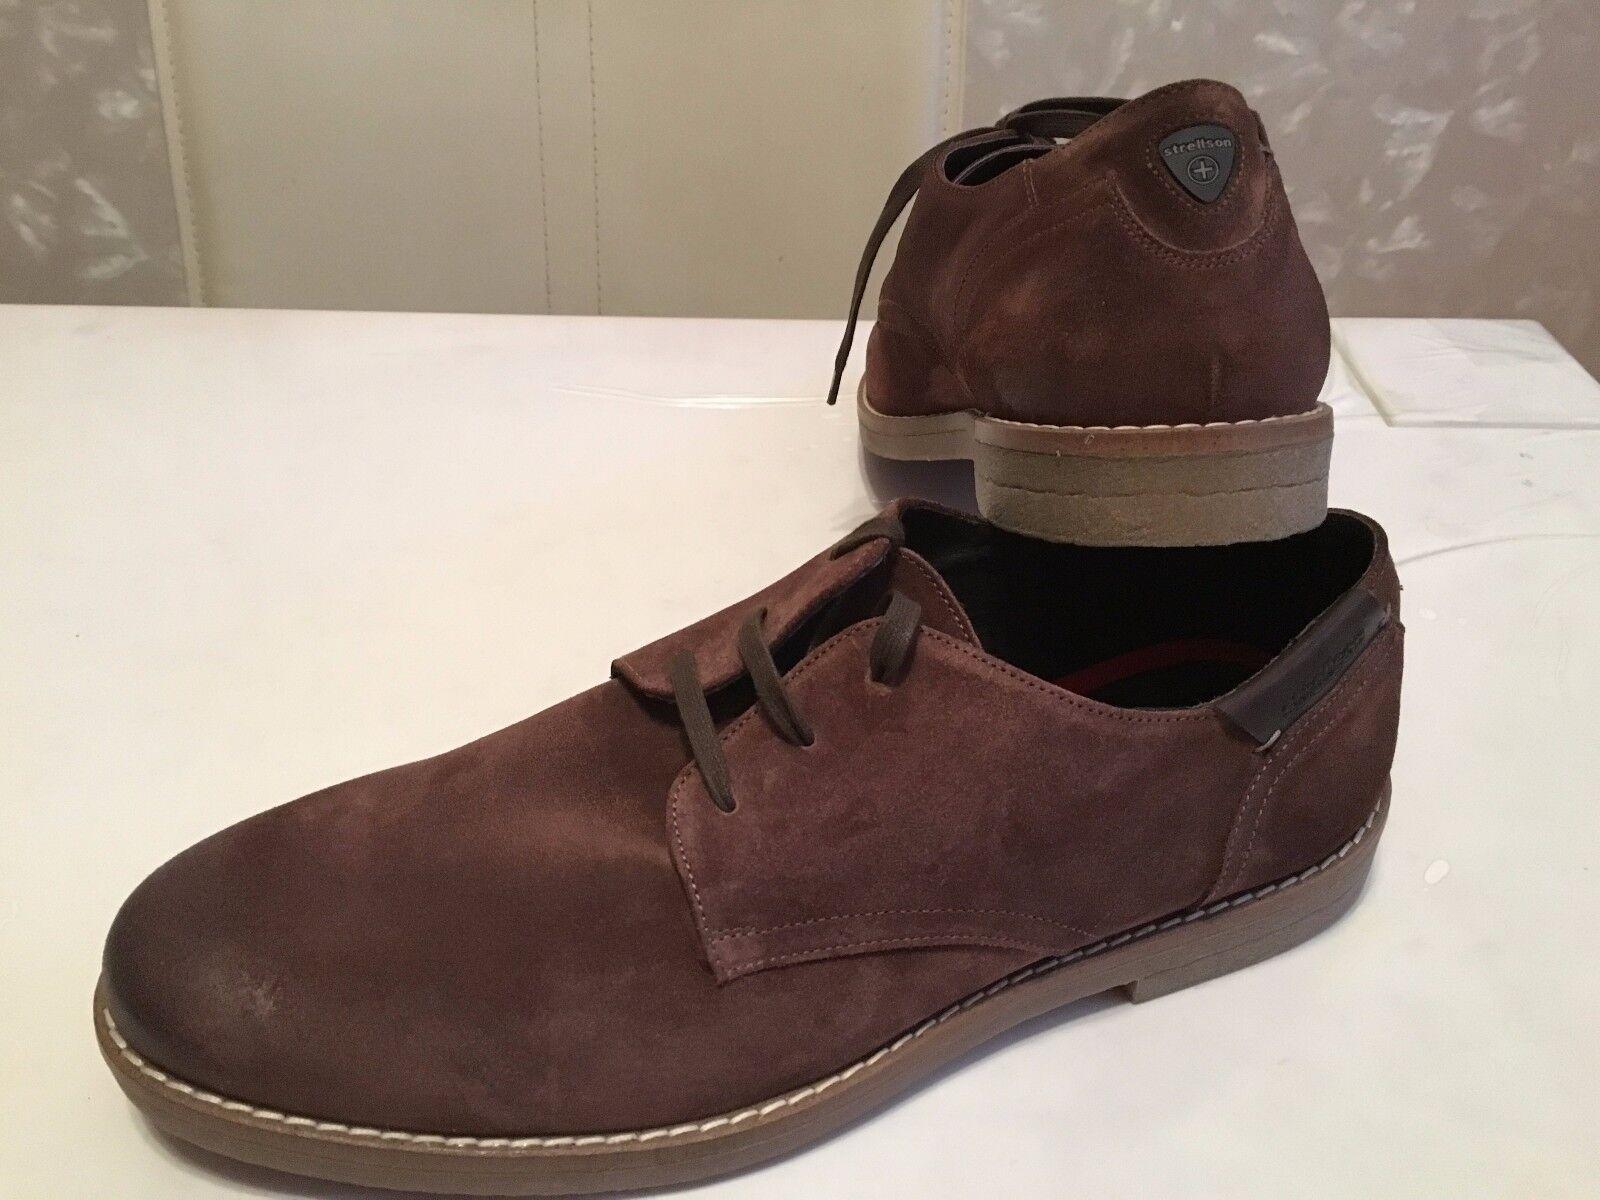 STRELLSON+ Herren Schuhe braunLEDER Gr.45 NEU